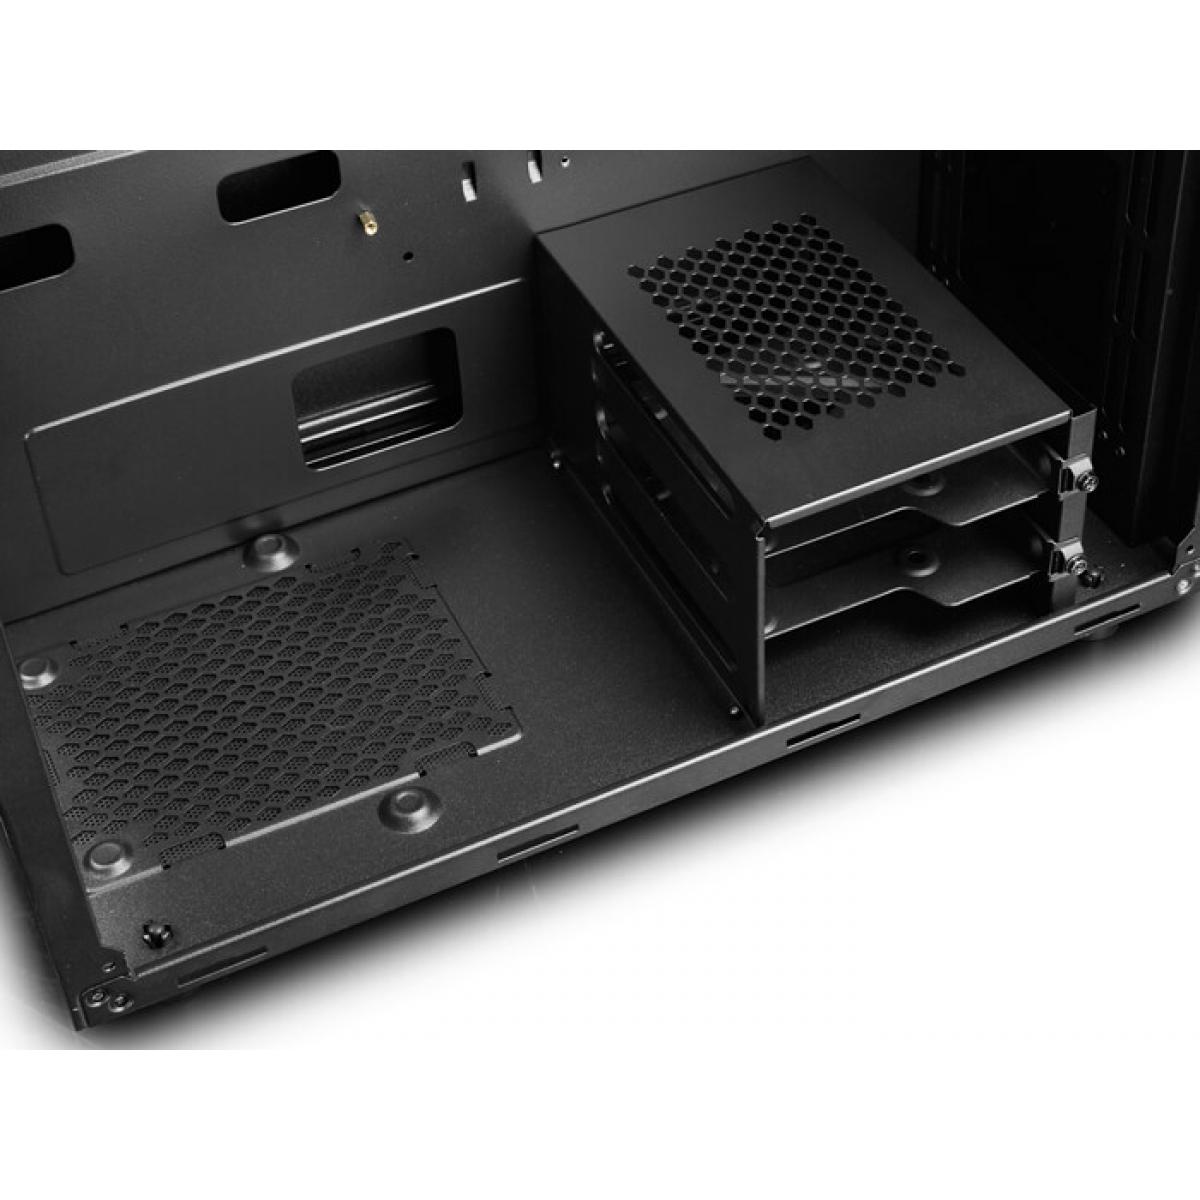 Gabinete Gamer DeepCool D-Shield V2, Mid Tower, Com 1 Fan, Back, Sem Fonte, DP-ATX-DSHIELD-V2